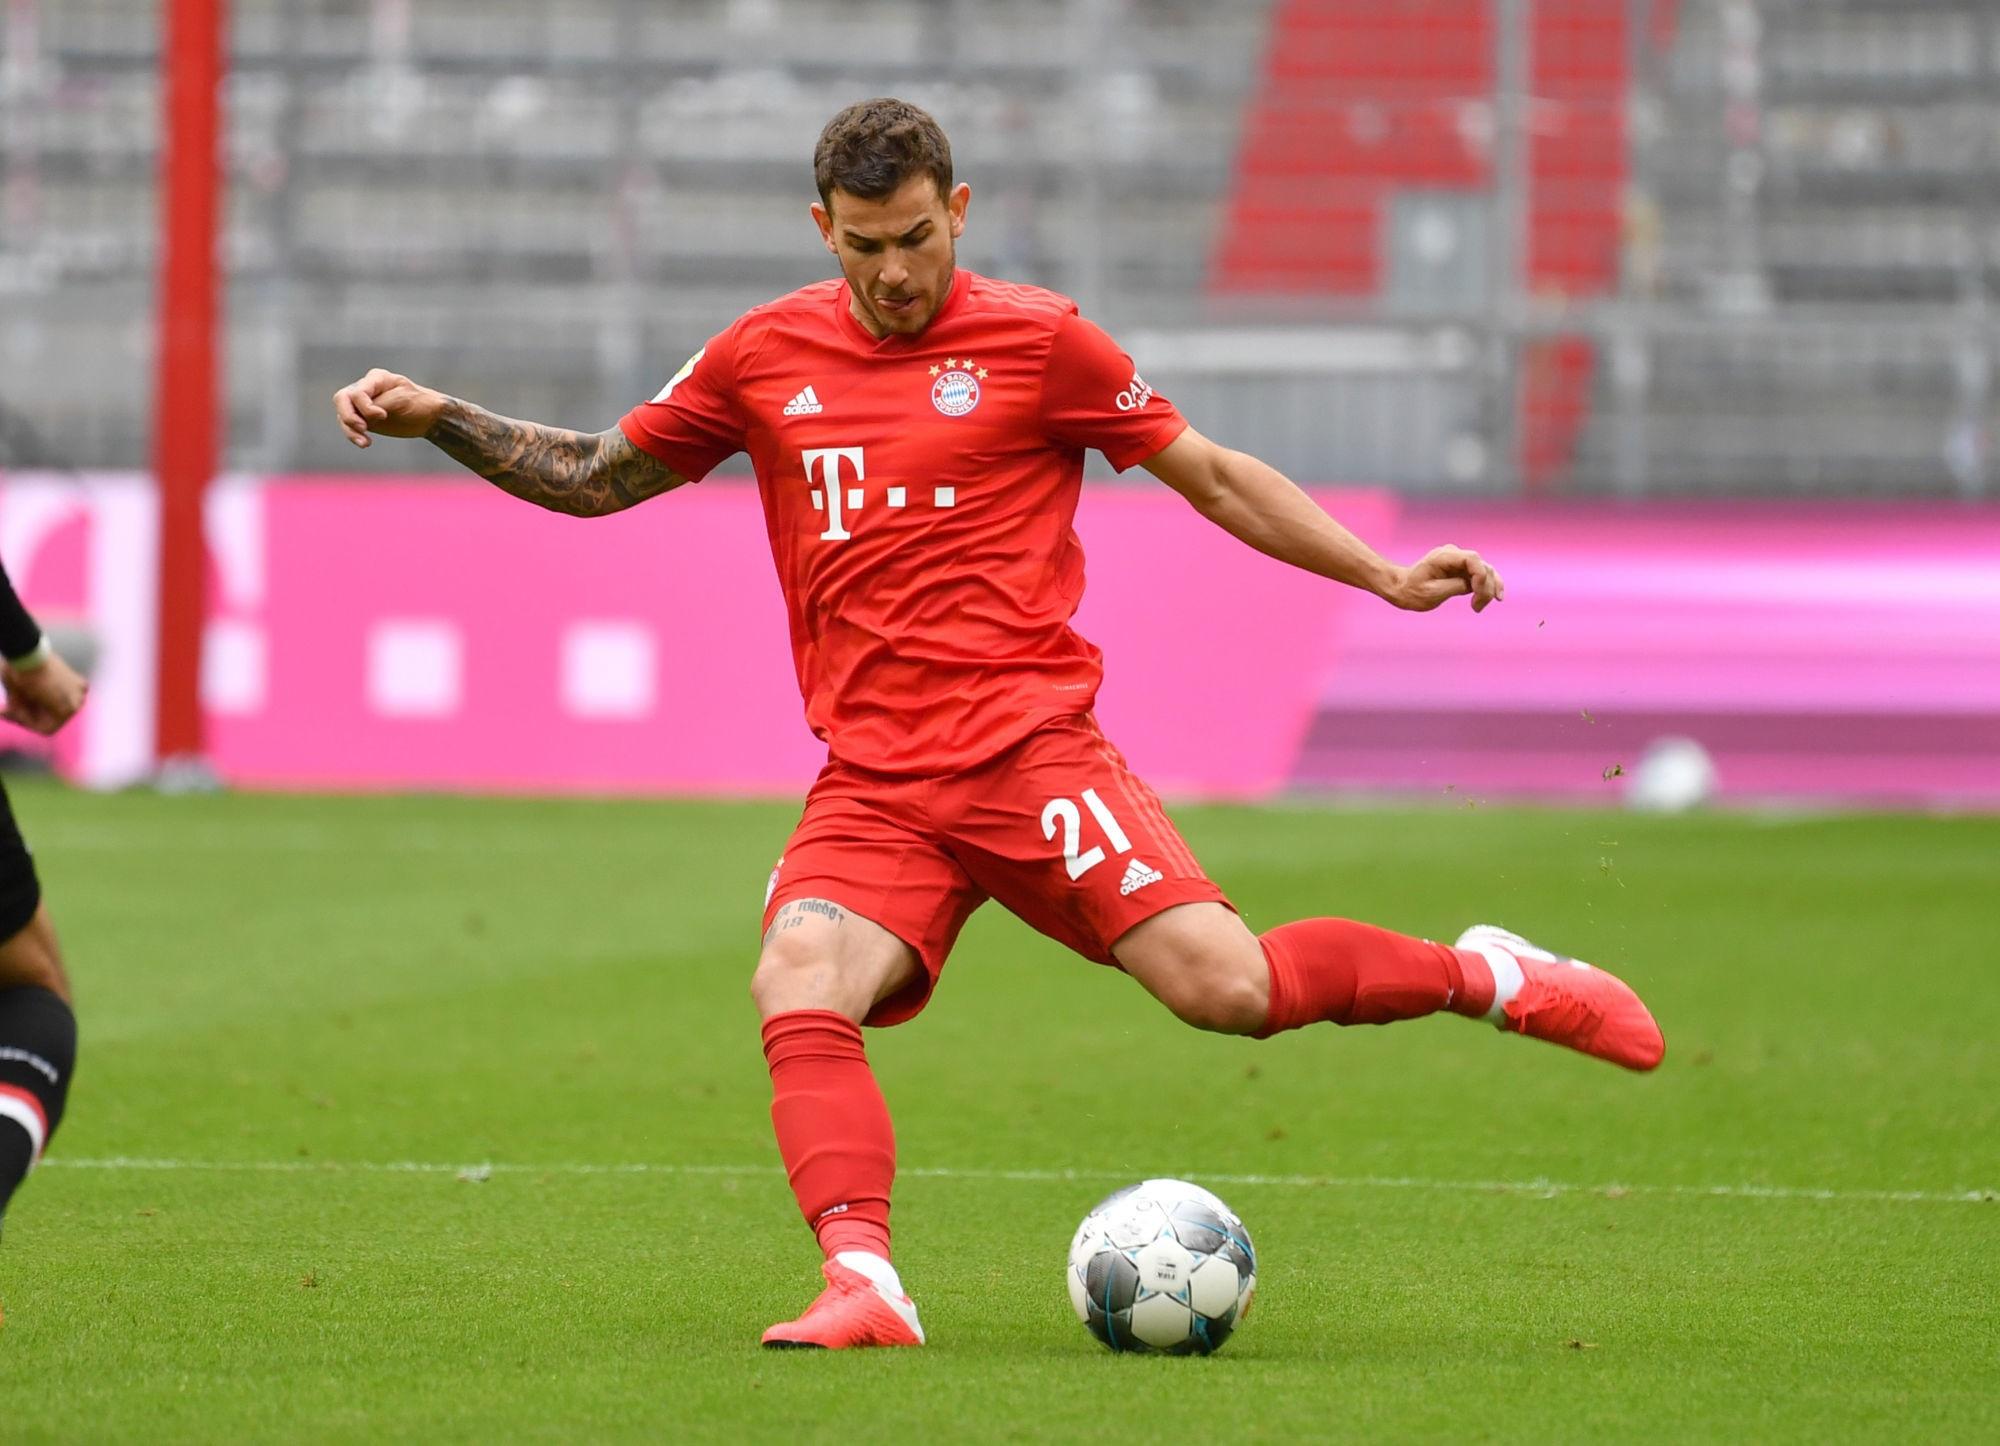 Mercato - Rummenigge souligne que le Bayern Munich compte garder Lucas Hernandez